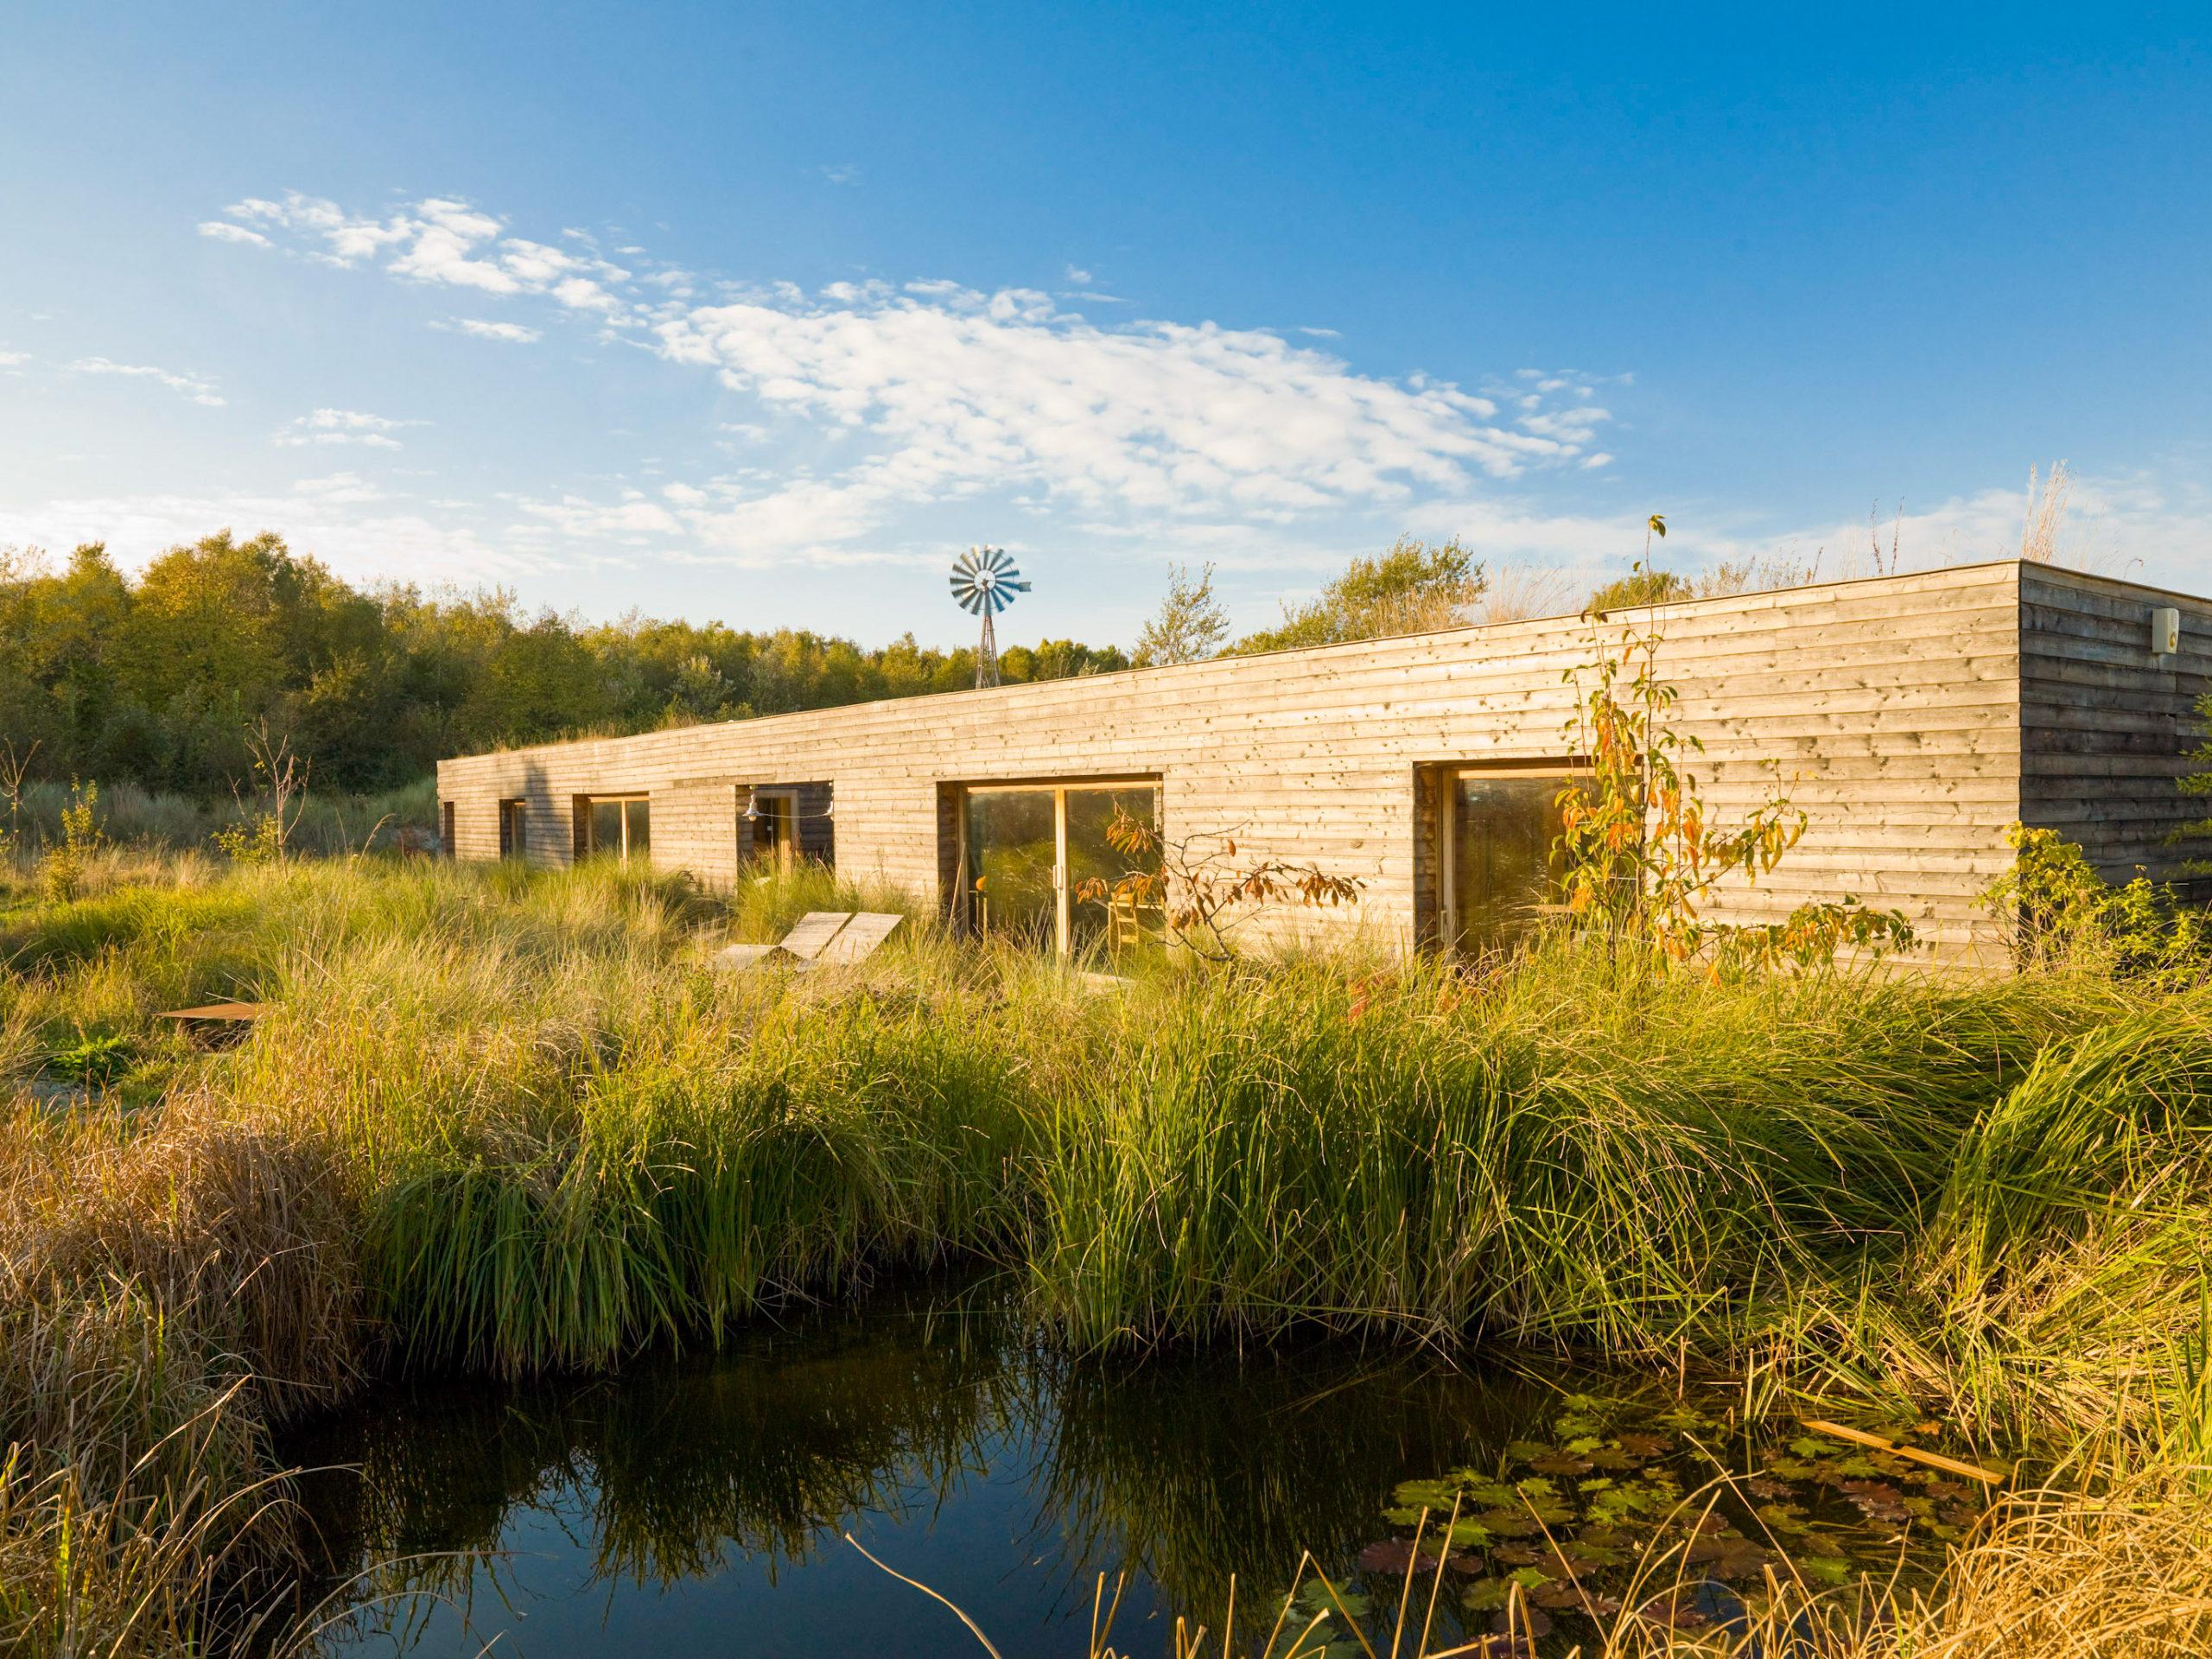 Bruit de l'eau, ecolodge de luxe Baie de Somme, Adresses Exclusives